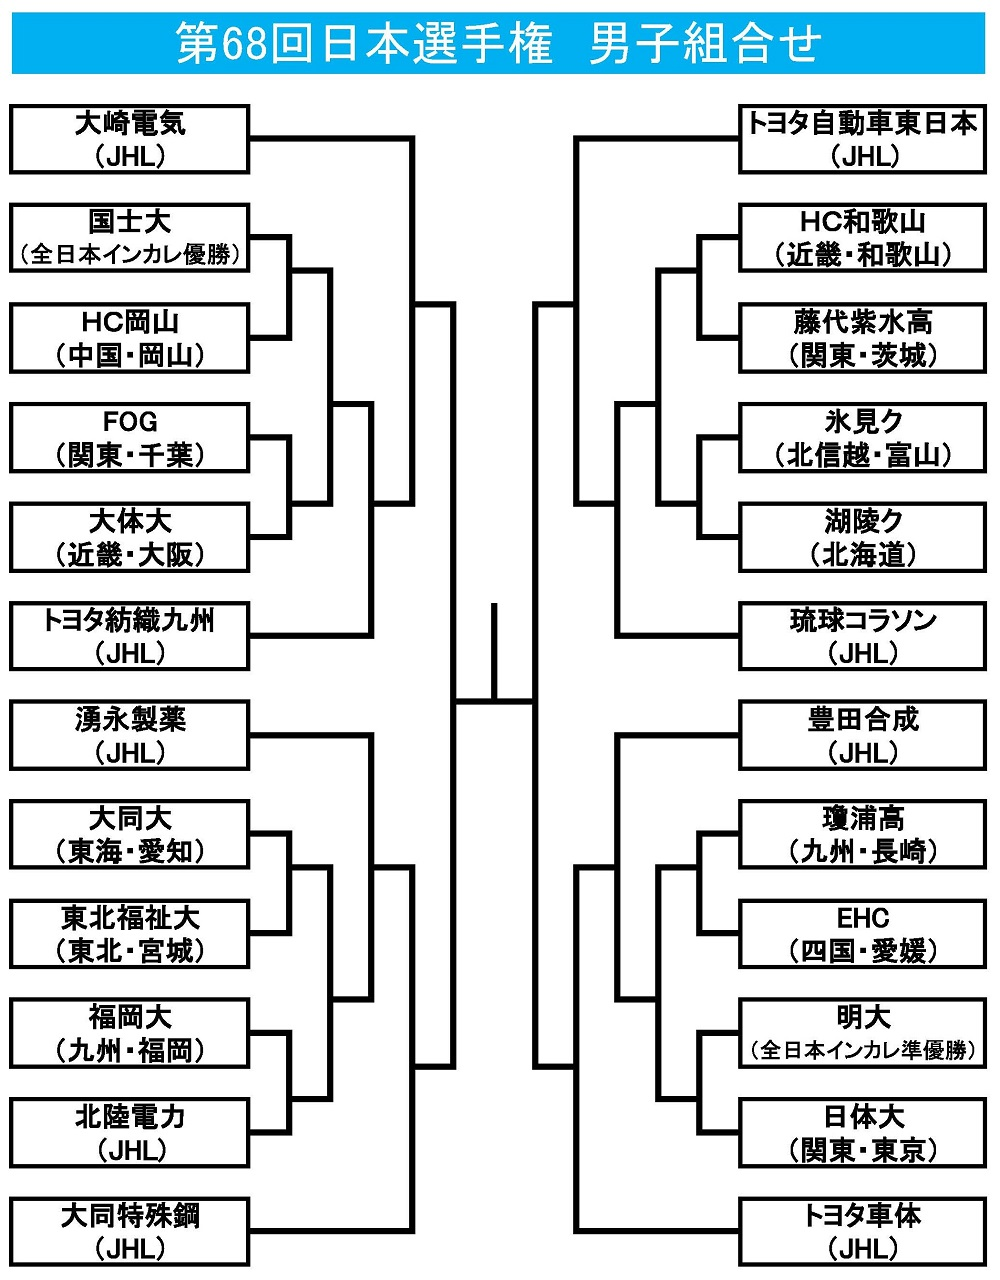 日本選手権男子組合せ(確定版)